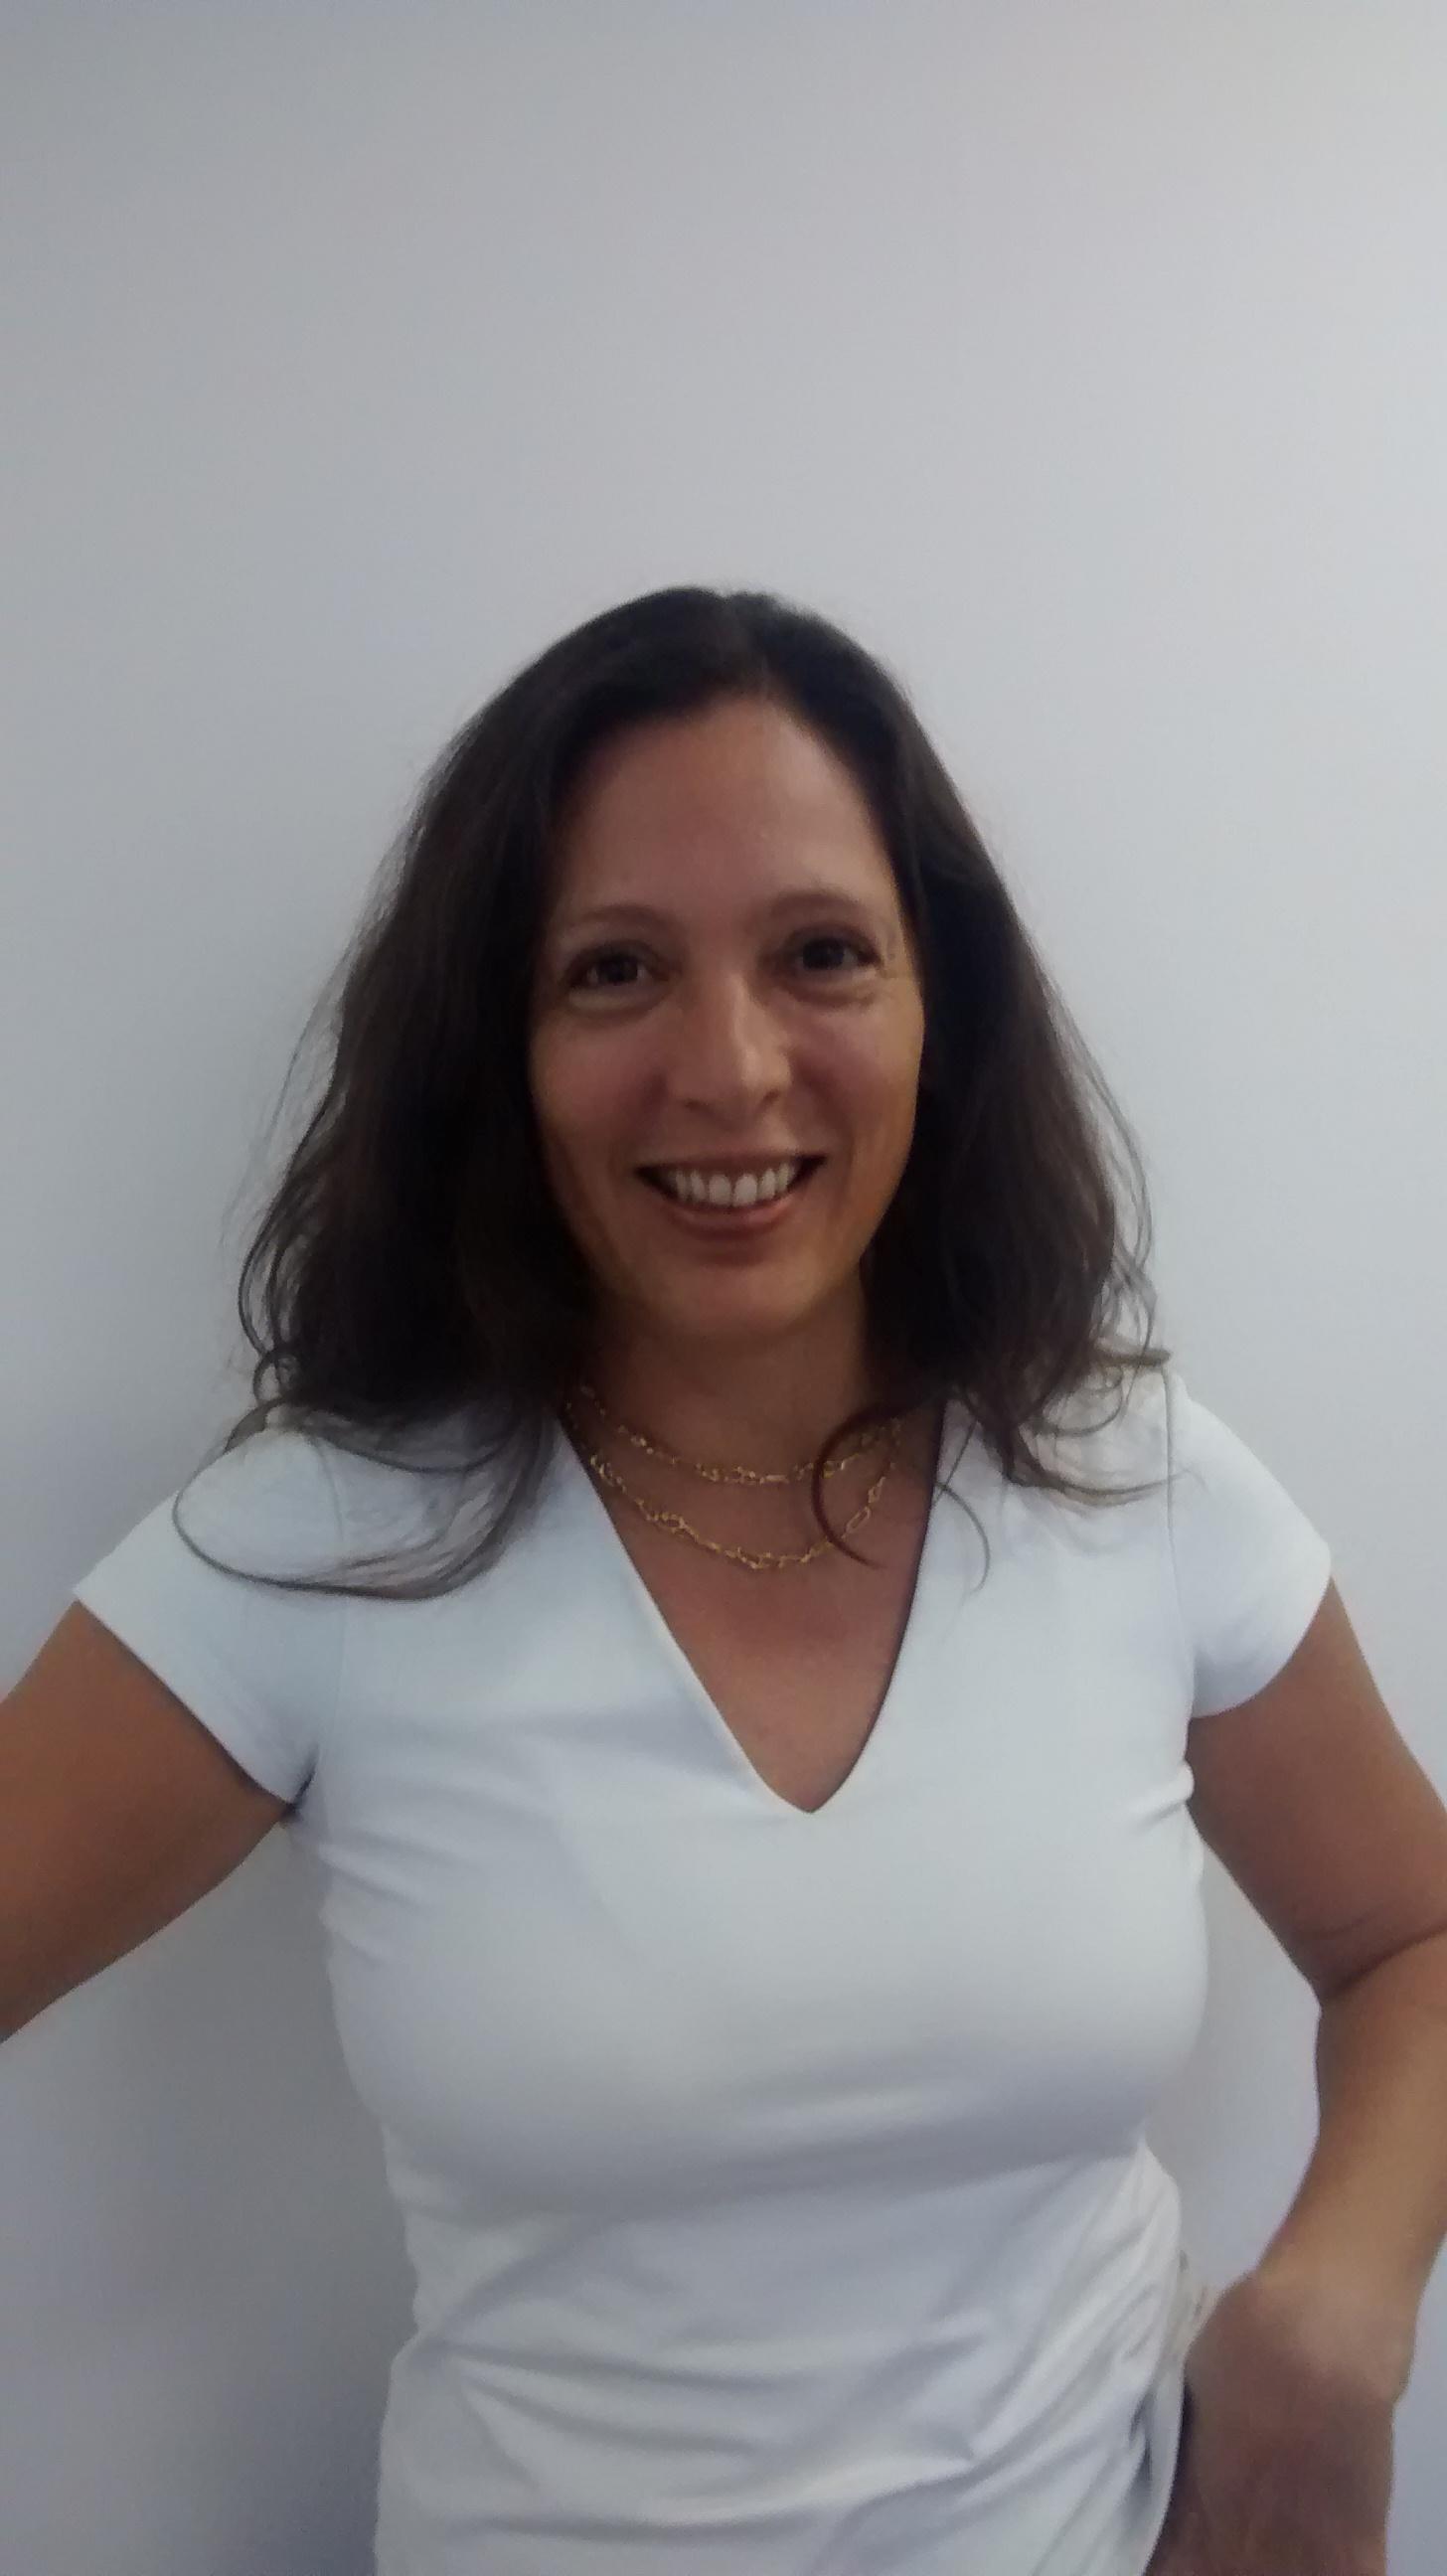 A psicóloga Stella Pereira de Almeida trabalha com o desenvolvimento de projetos que afastem os jovens do uso de substâncias psicoativas e os tornem disseminadores desta mensagem aos seus pares. Foto: Arquivo pessoal